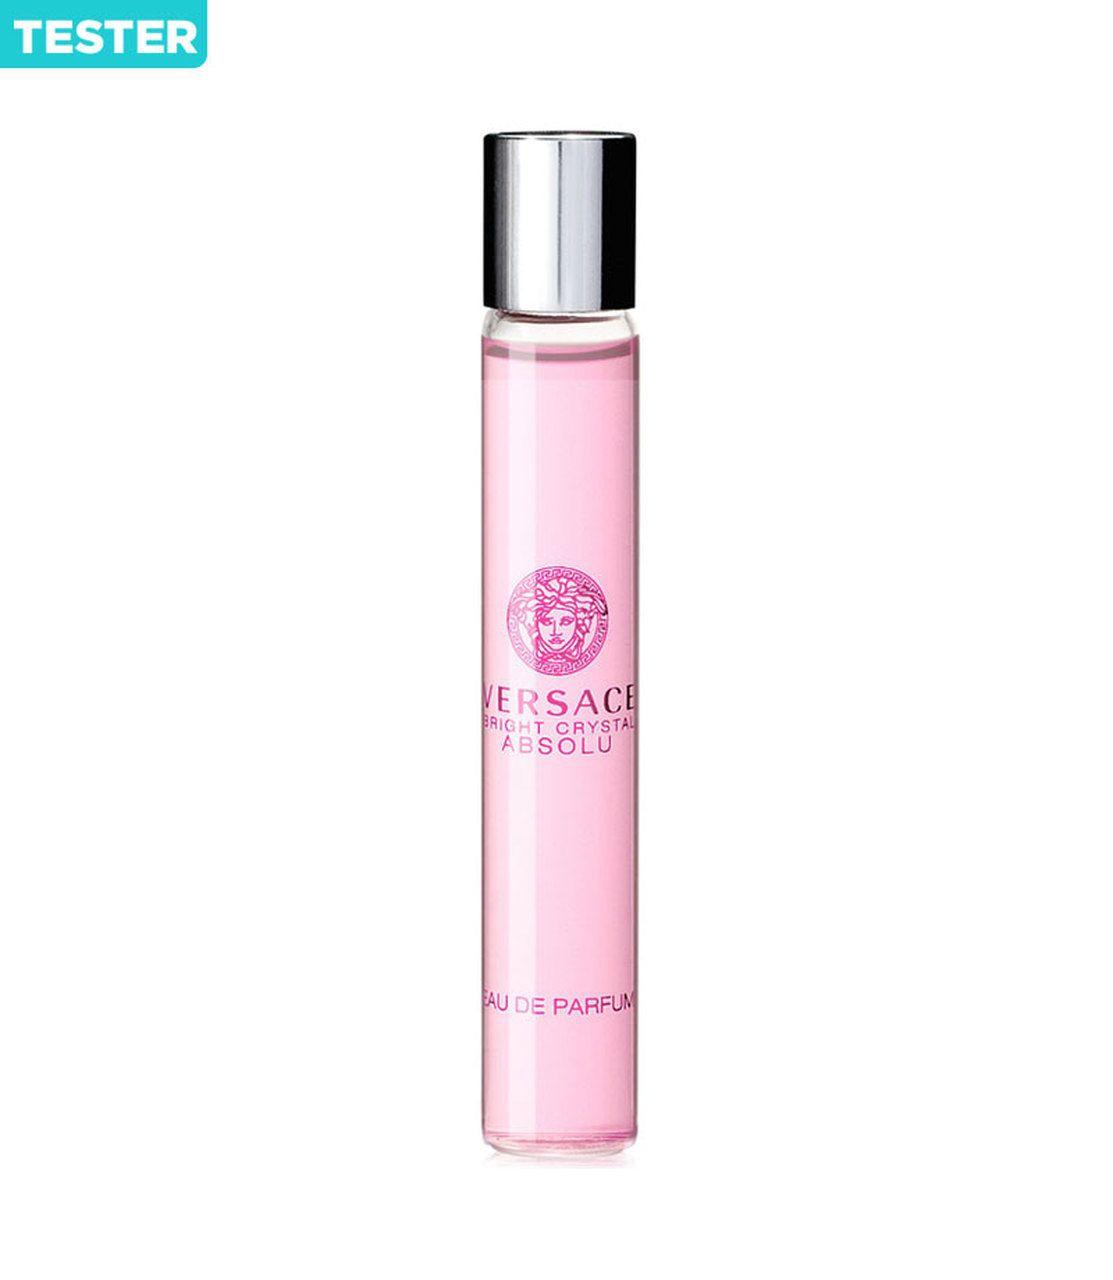 Versace Bright Crystal Absolu Eau De Parfum Roller Ball 3 Oz Mini Tester Versace Bright Crystal Perfume Perfume Testers